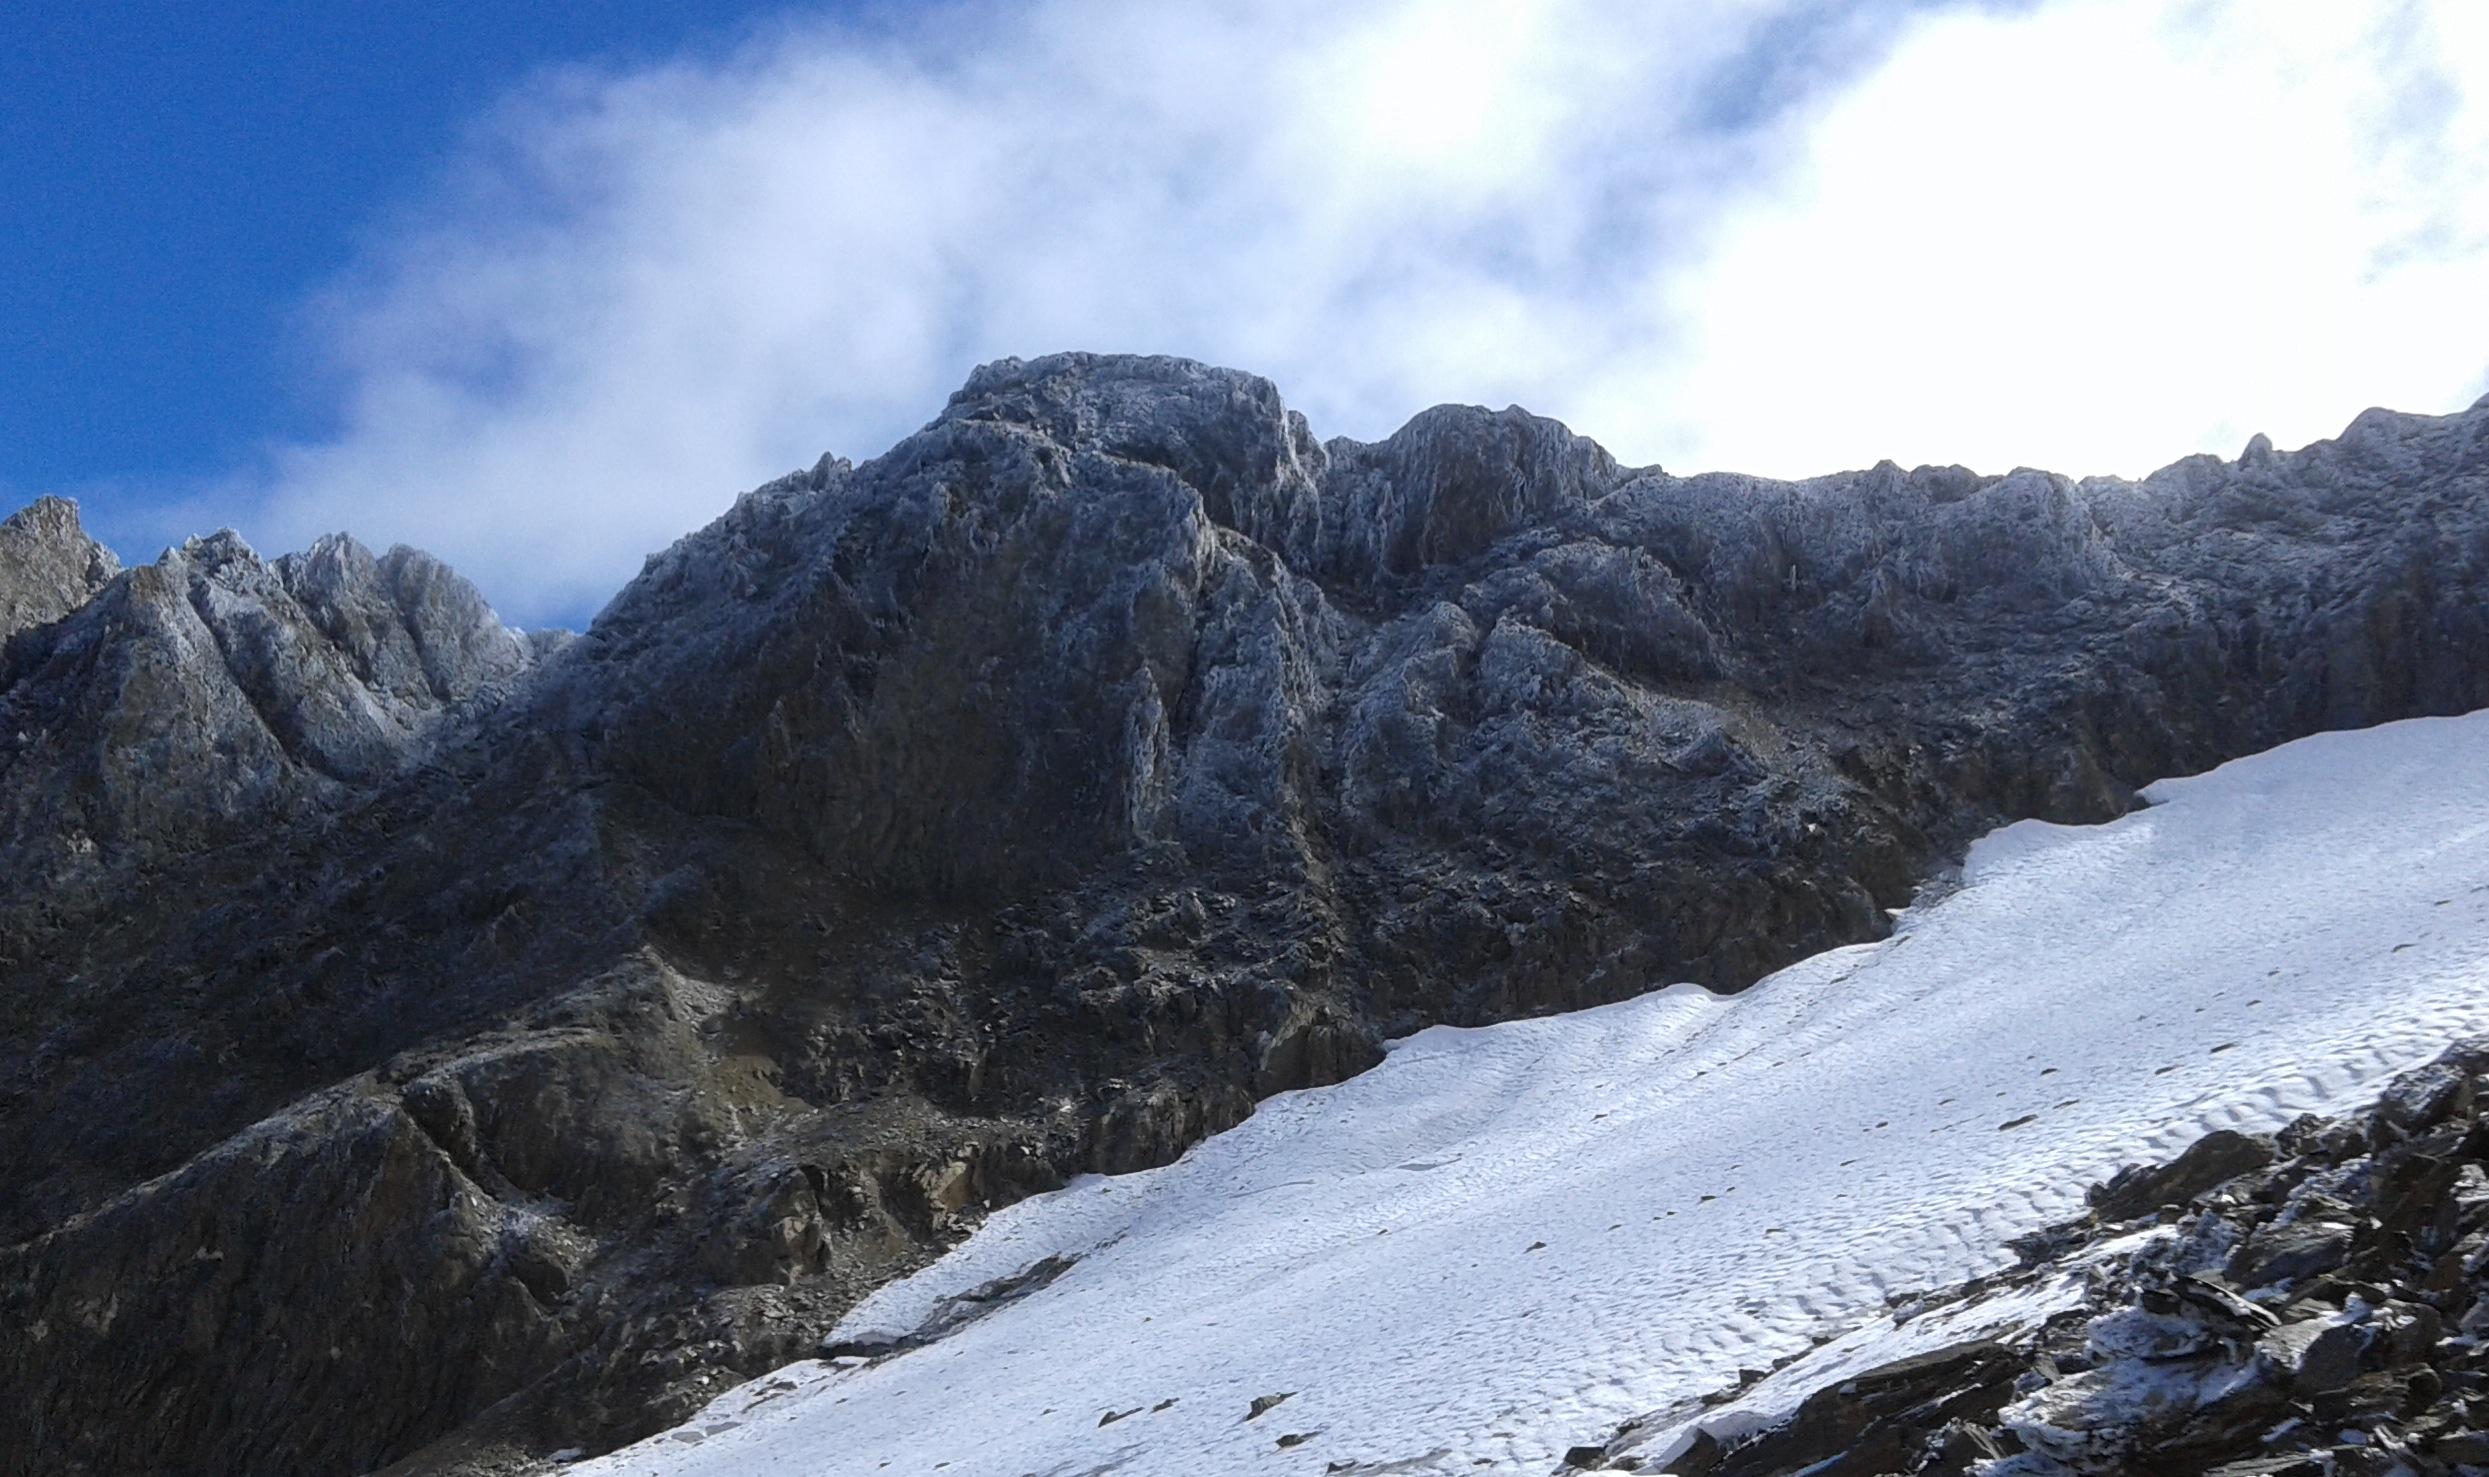 nebbia ghiacciata depositata sulla roccia...